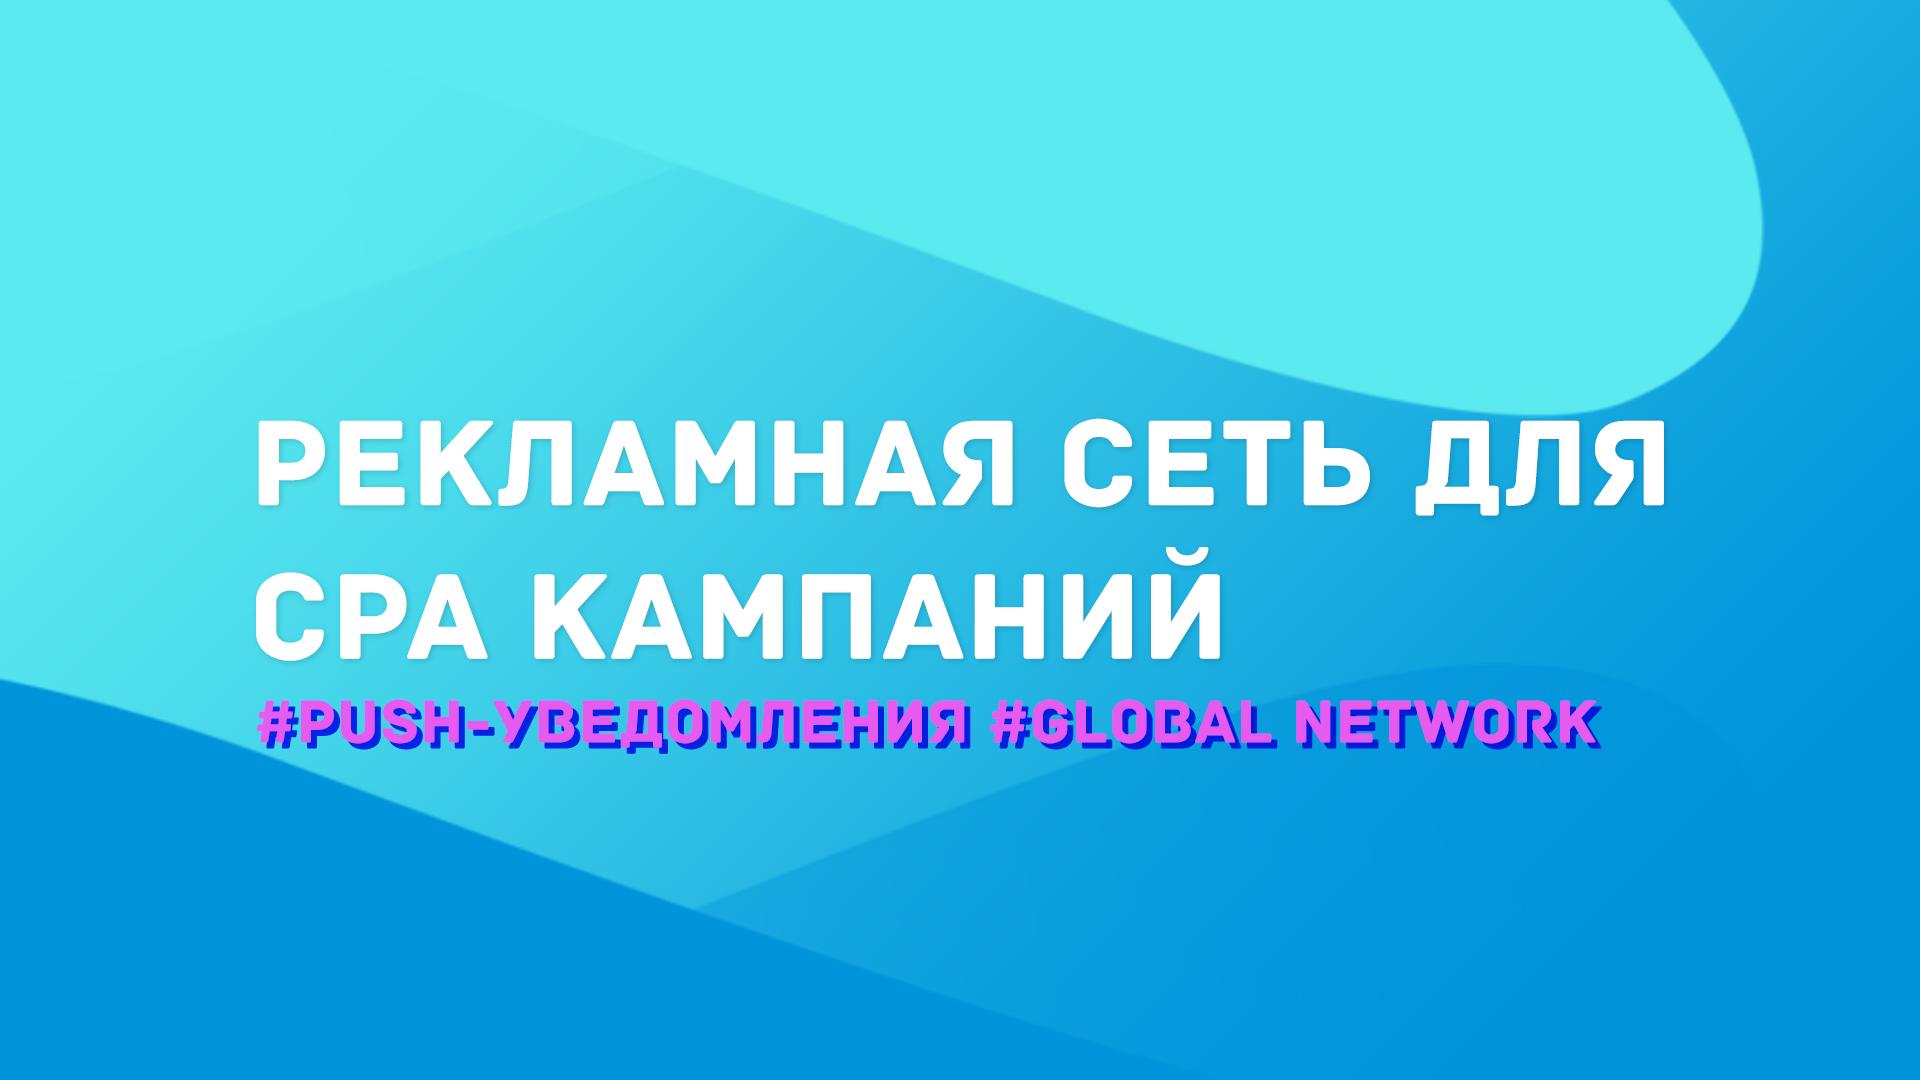 Рекламная сеть для профессионалов на рынке CPA - Global Network